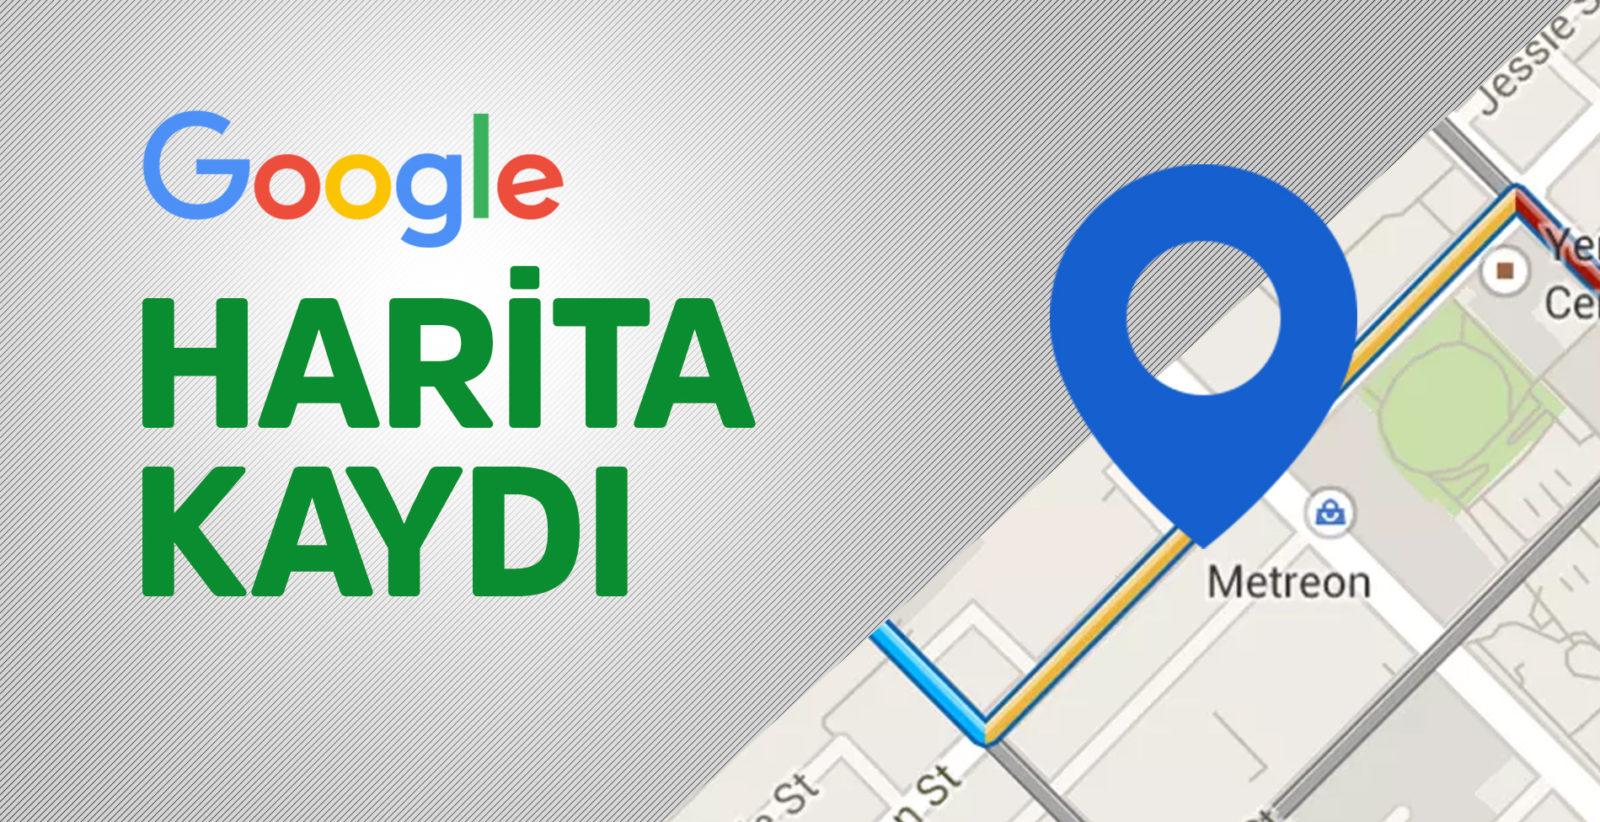 Google Haritalara Yer işletme Ekleme, Harita Kayıt - Hüseyin YILMAZ